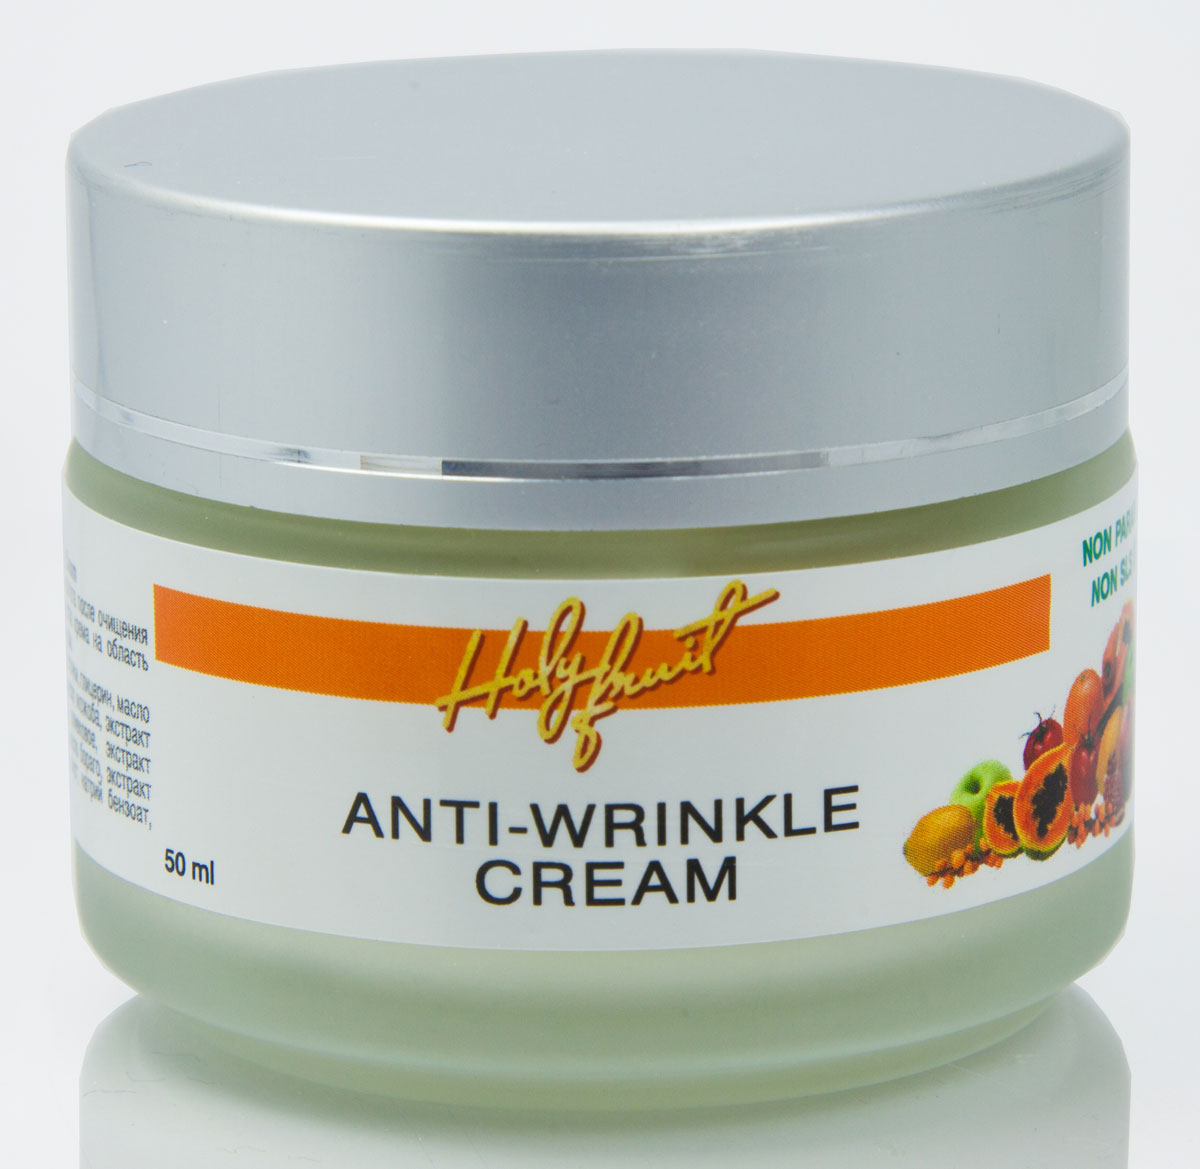 Holy Fruit Крем Крем против морщин Anti-Wrinkle Cream, 50 мл8482Для создания этого активного антивозрастного крема отобраны самые эффективные компоненты, наполняющие энергией, питающие кожу на клеточном уровне. Примула вечерняя, особенно значимой для женщины, разглаживает кожу, повышает ее упругость и эластичность. Экстракт настурции и масло облепихи справляются с усталостью кожи, наполняя ее влагой и природным витамином Е, осветляют пигментные пятна. Масло огуречника (бораго) запускает деление клеток и обновление эпидермиса, смягчает выраженности морщинок. Экстракт яблока, алоэ укрепляют стенки сосудов, кожа заметно подтягивается. При регулярном использовании исчезает сосудистая сеточка. Масло и экстракт календулы активизируют процессы обмена в клеточной структуре, восстанавливают поврежденные клетки кожи. Крем обладает лифтинговым эффектом.